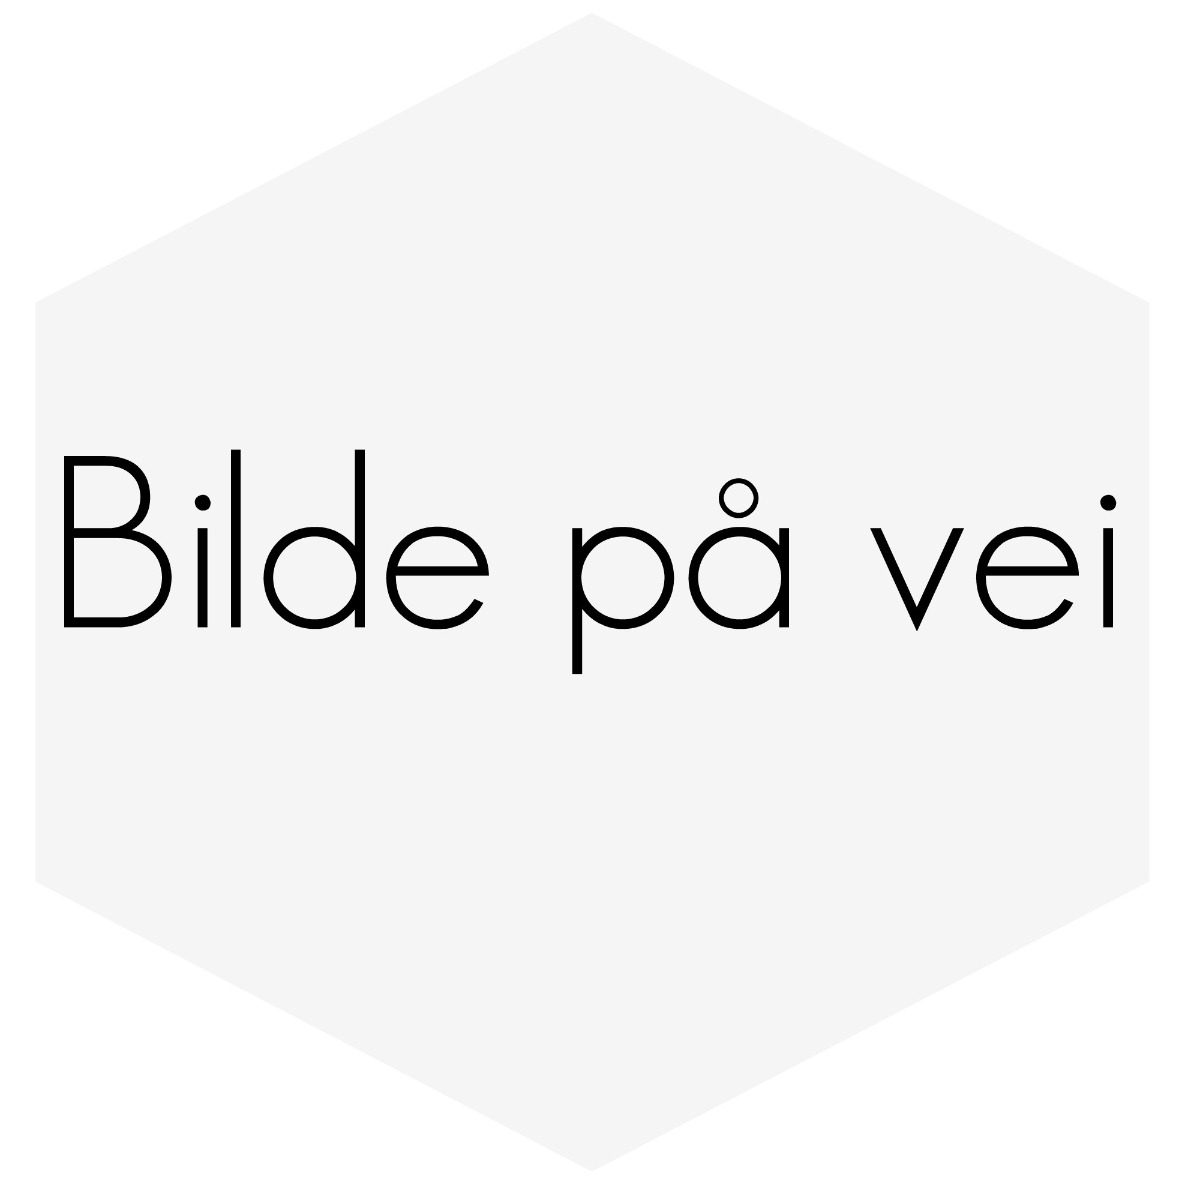 TAKSPOILER/VINGE VOLVO 940 / 945 STV MED DIODE BREMSELYS